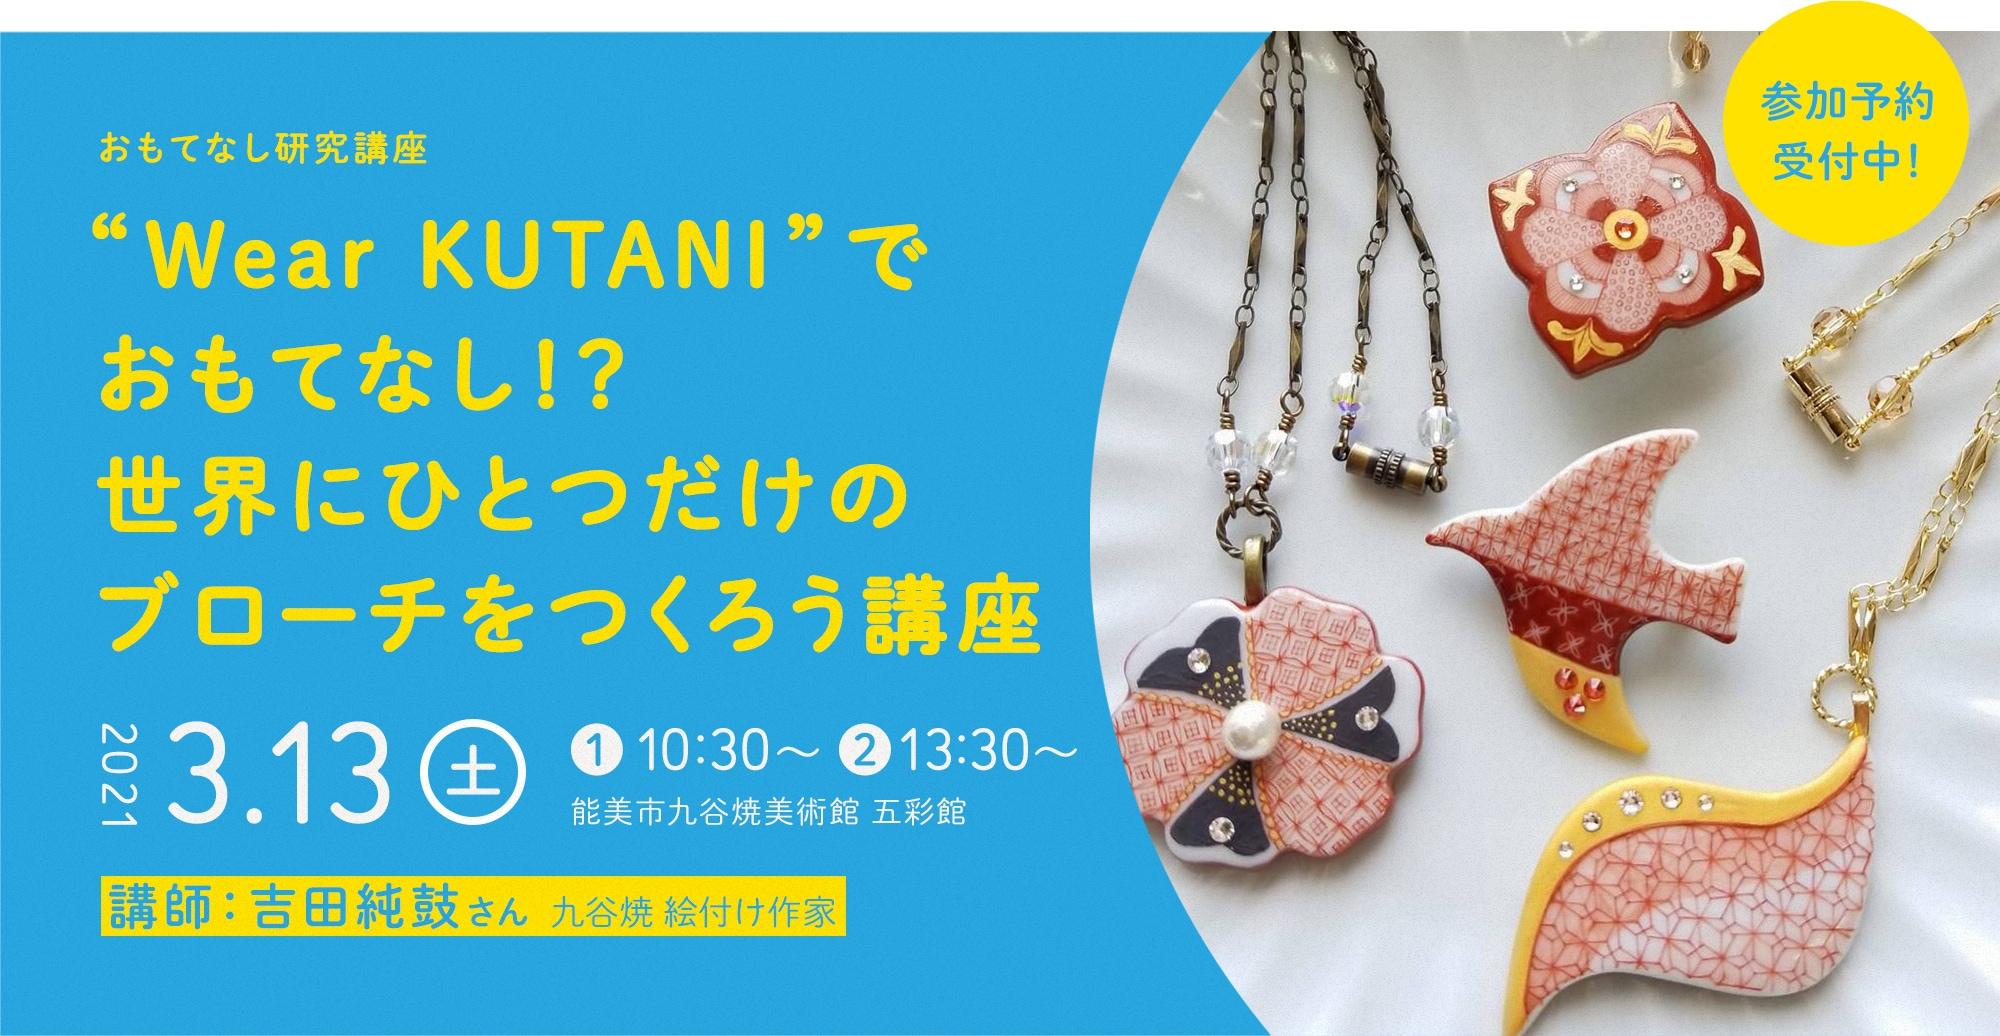 """2021年3月13日(土)『""""Wear KUTANI""""でおもてなし!?世界にひとつだけのブローチをつくろう講座』開催!参加予約受付中!"""